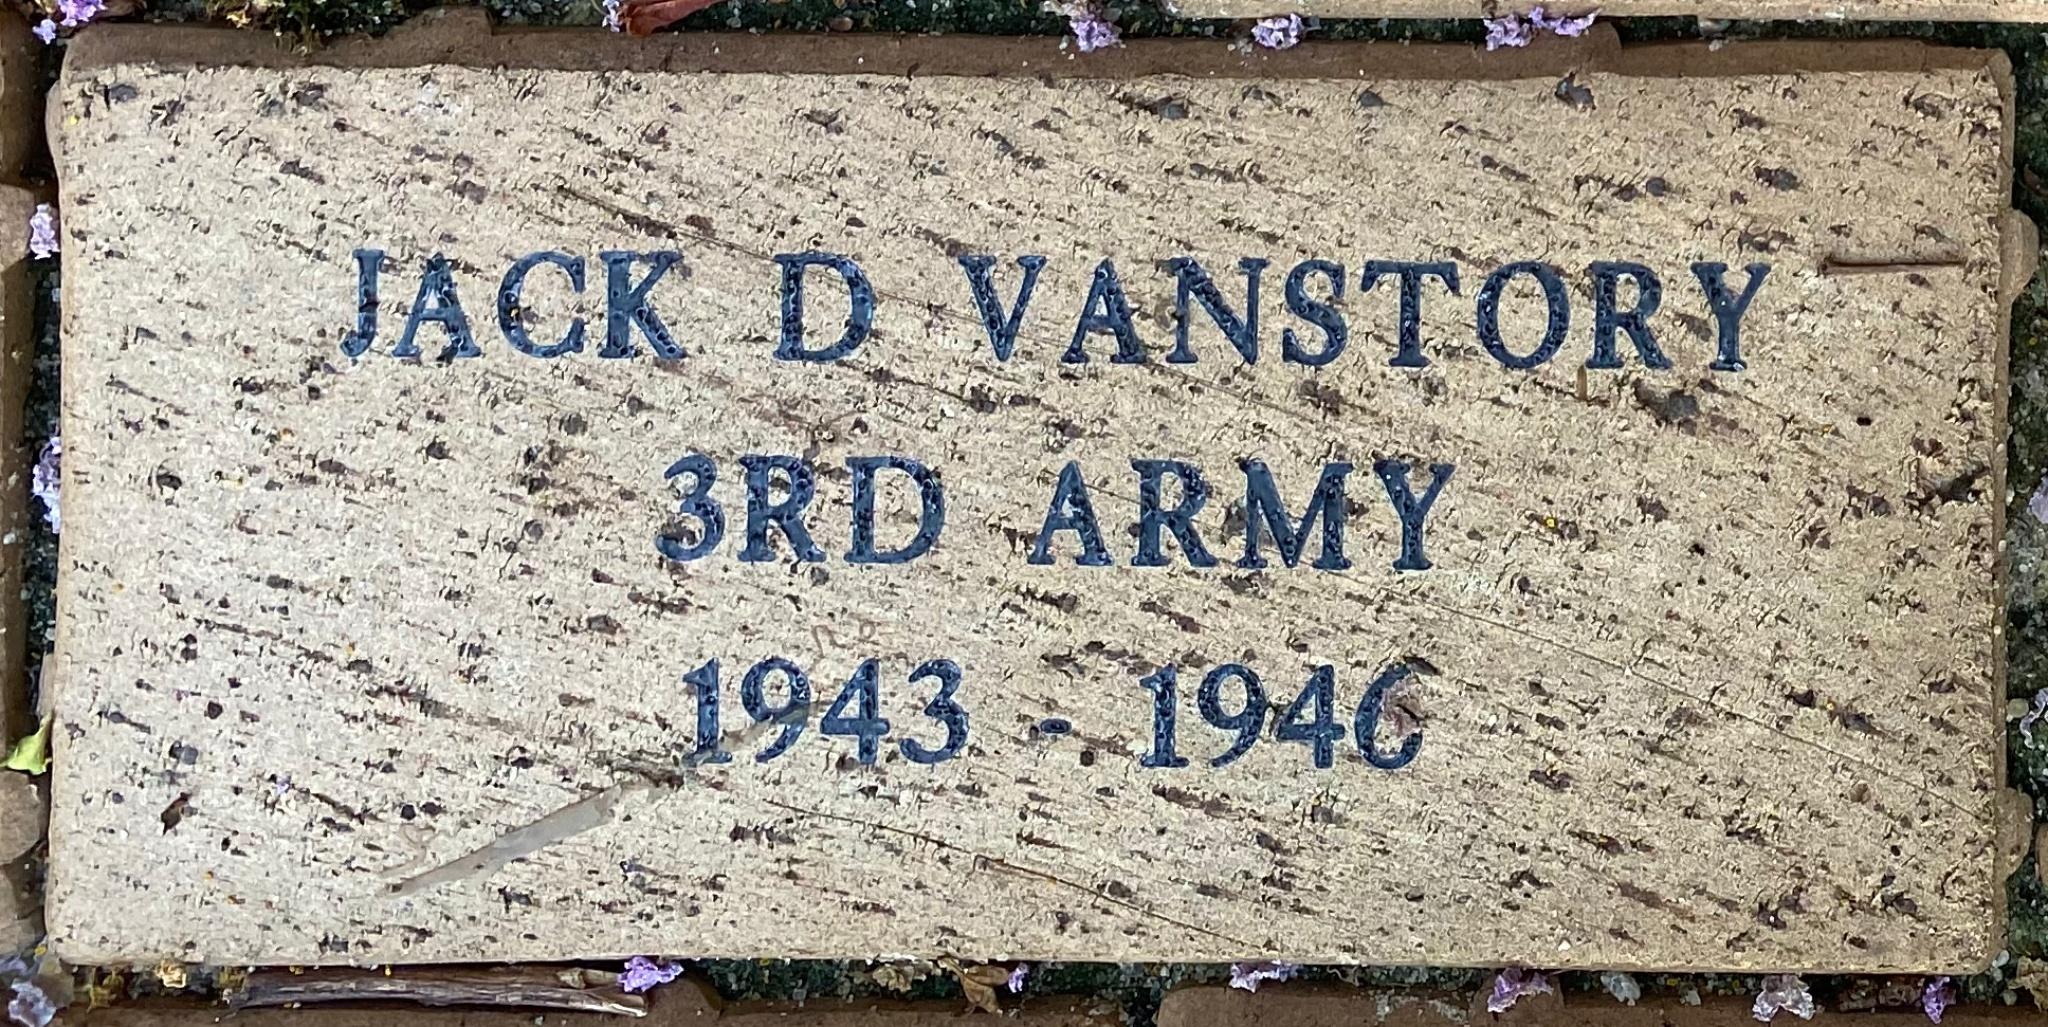 JACK D VANSTORY 3RD ARMY 1943 –- 1946